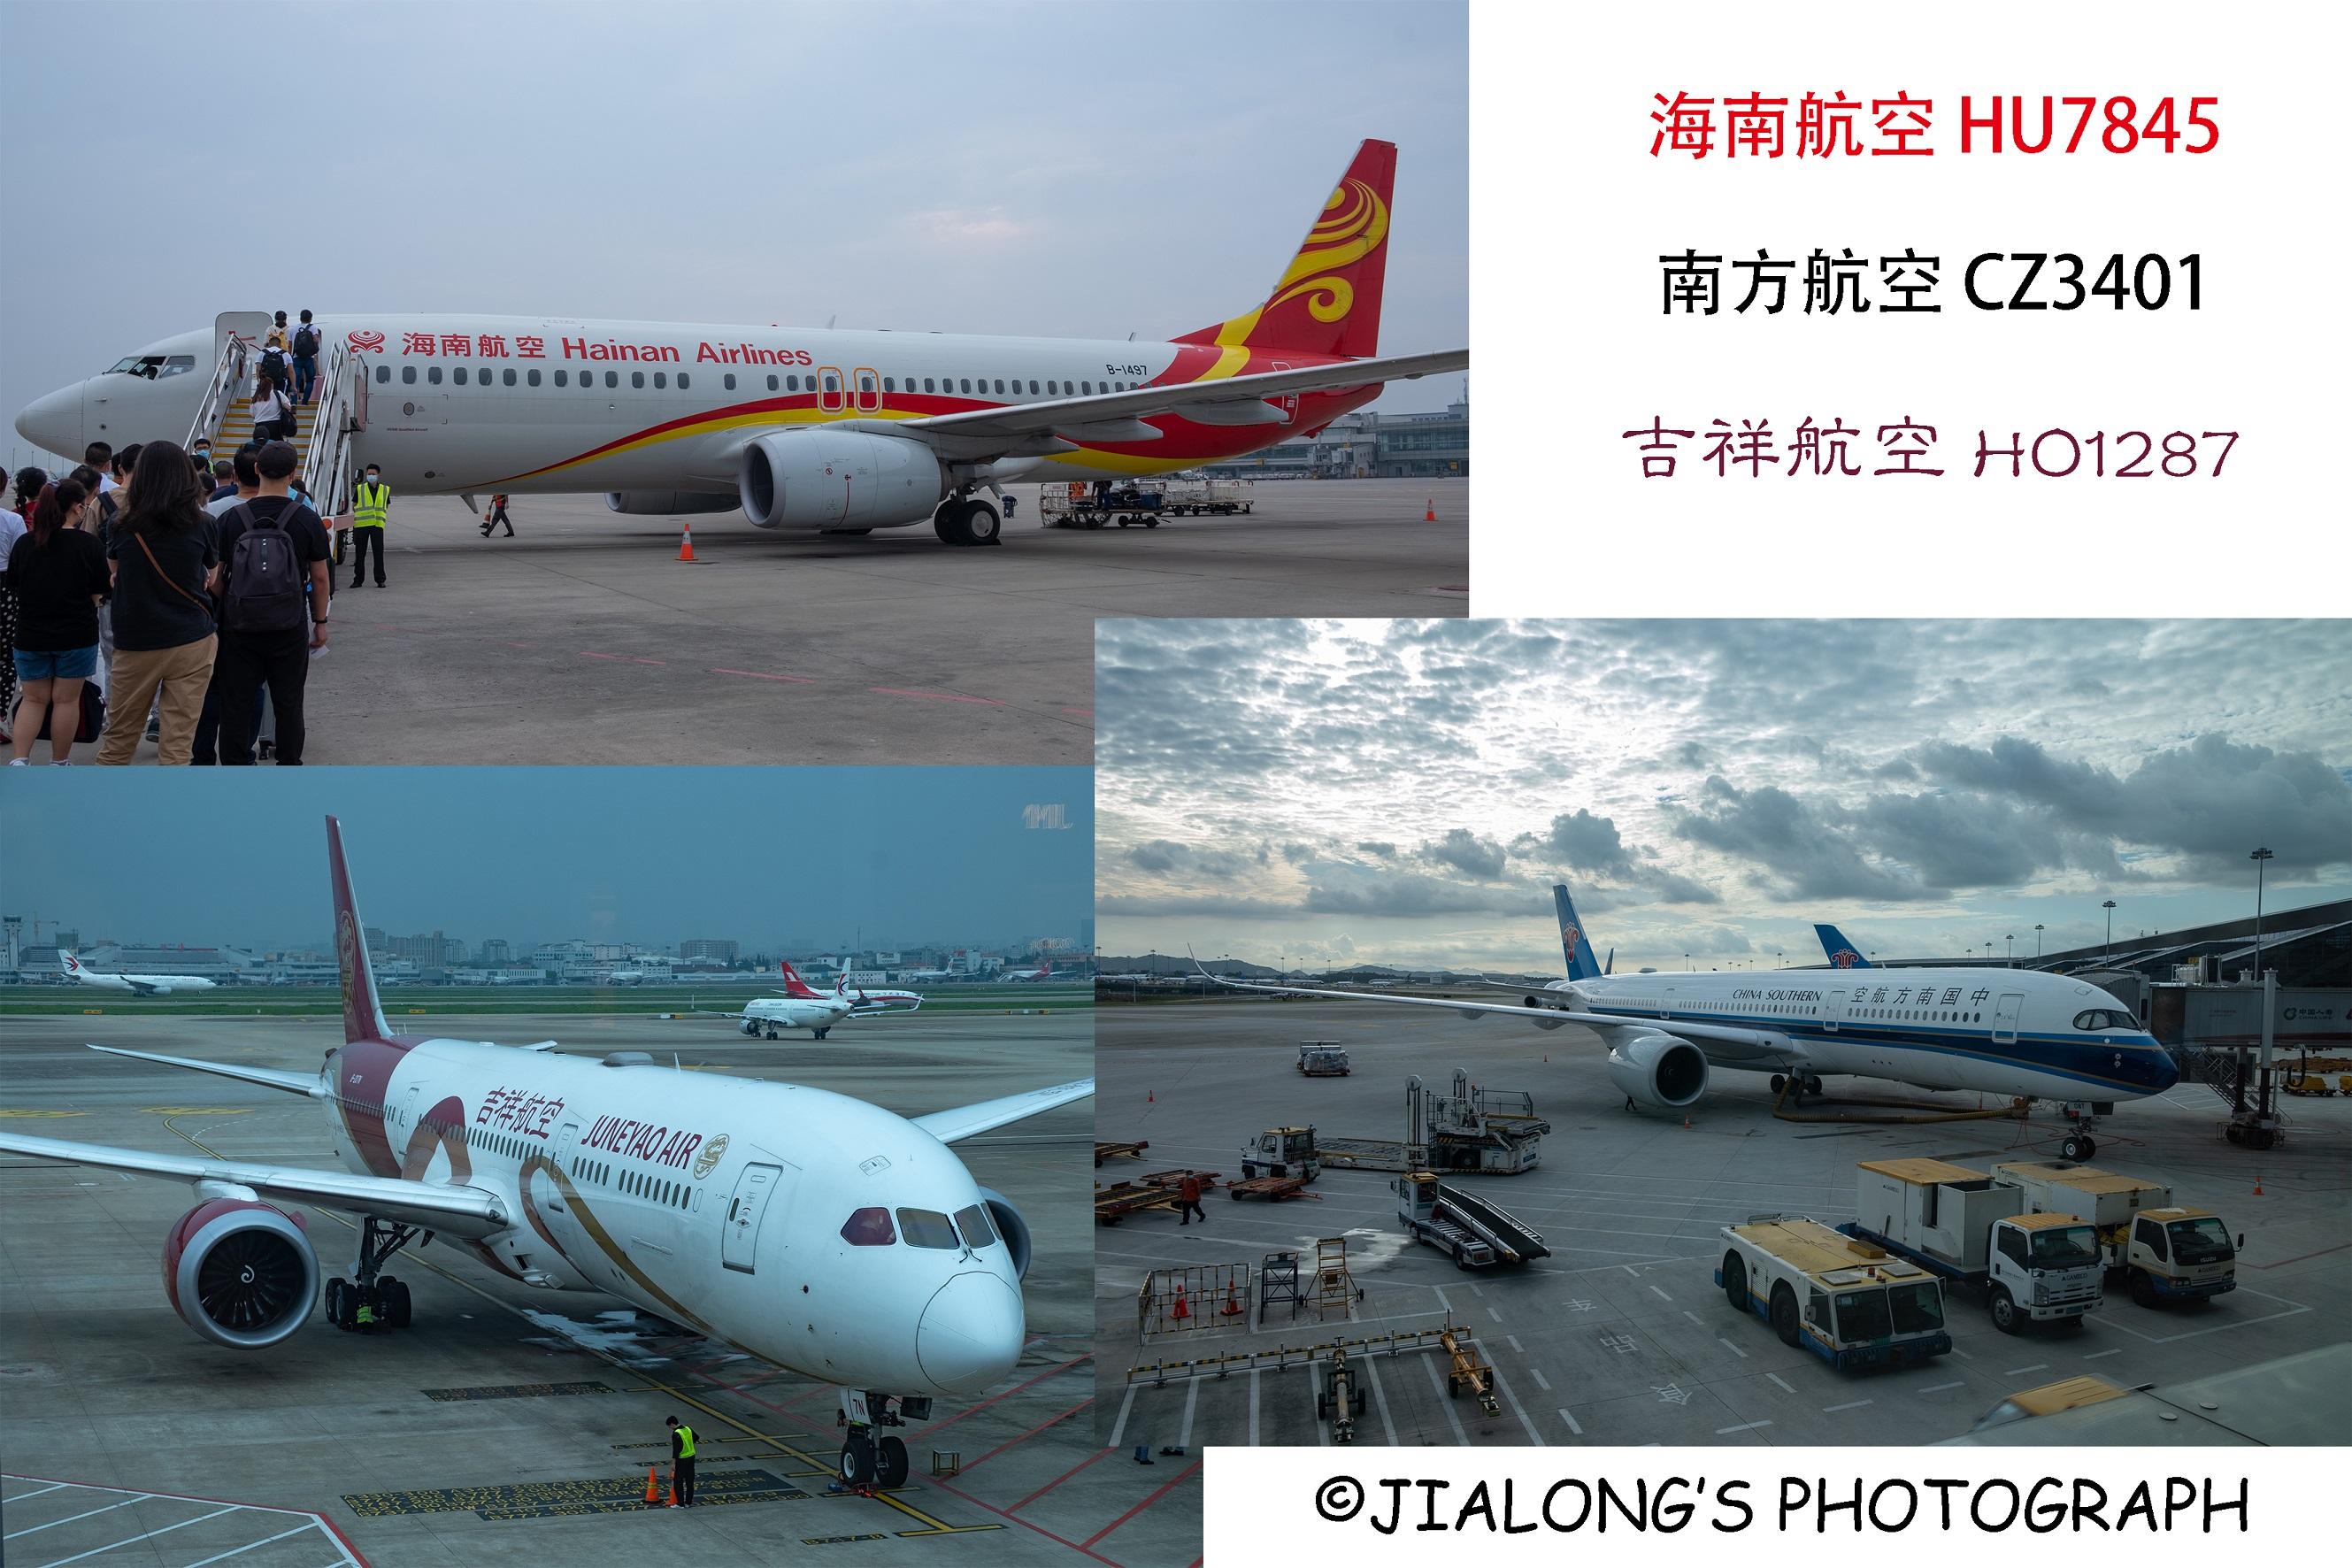 [原创]全集完|后疫情期间的暑假国内游|西安-上海-广州-成都|体验国内3条干线|吉祥航空787|南航350|海航737